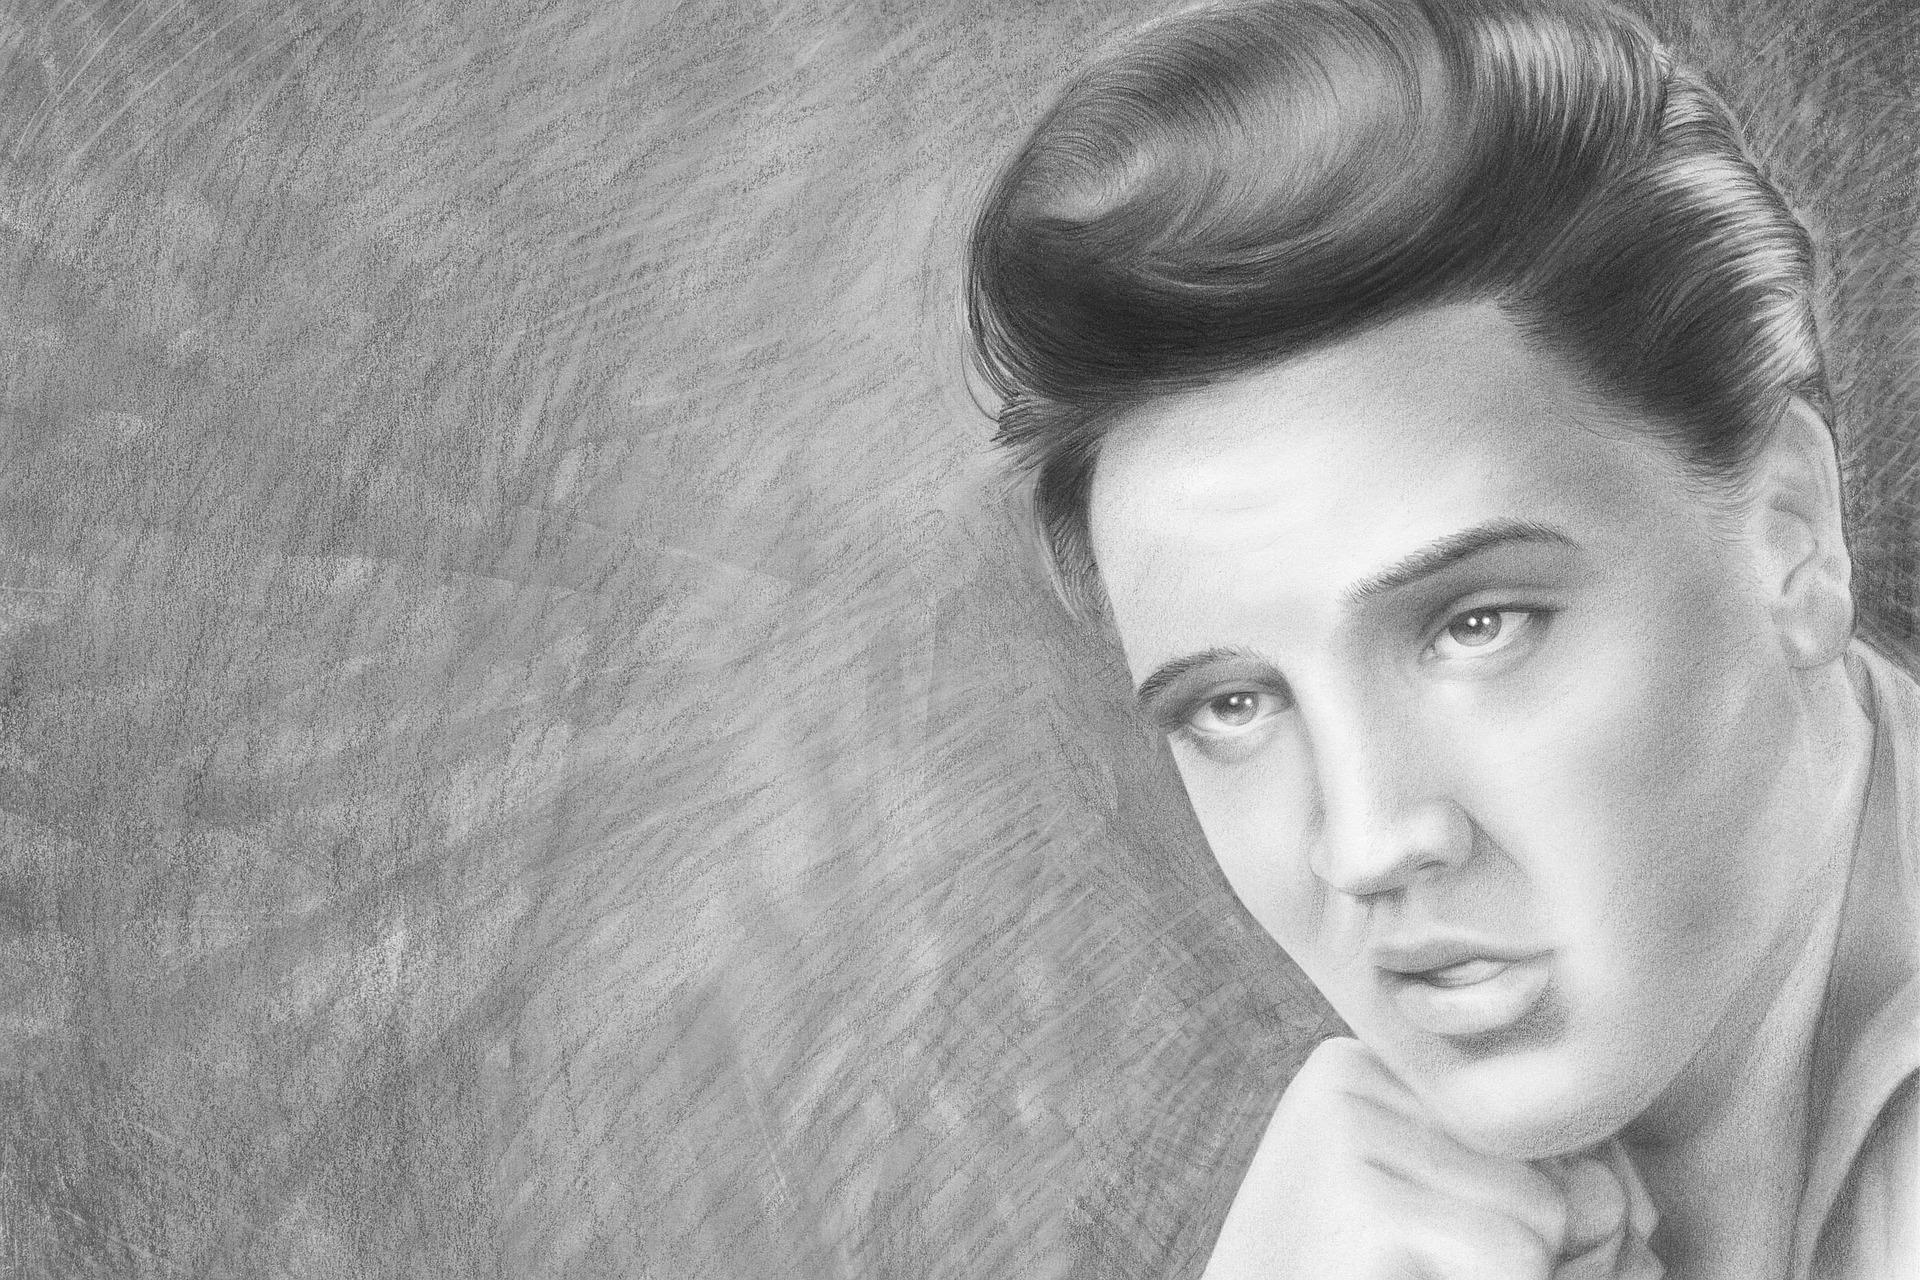 Een blog over de verkoop van een horloge van Elvis Presley